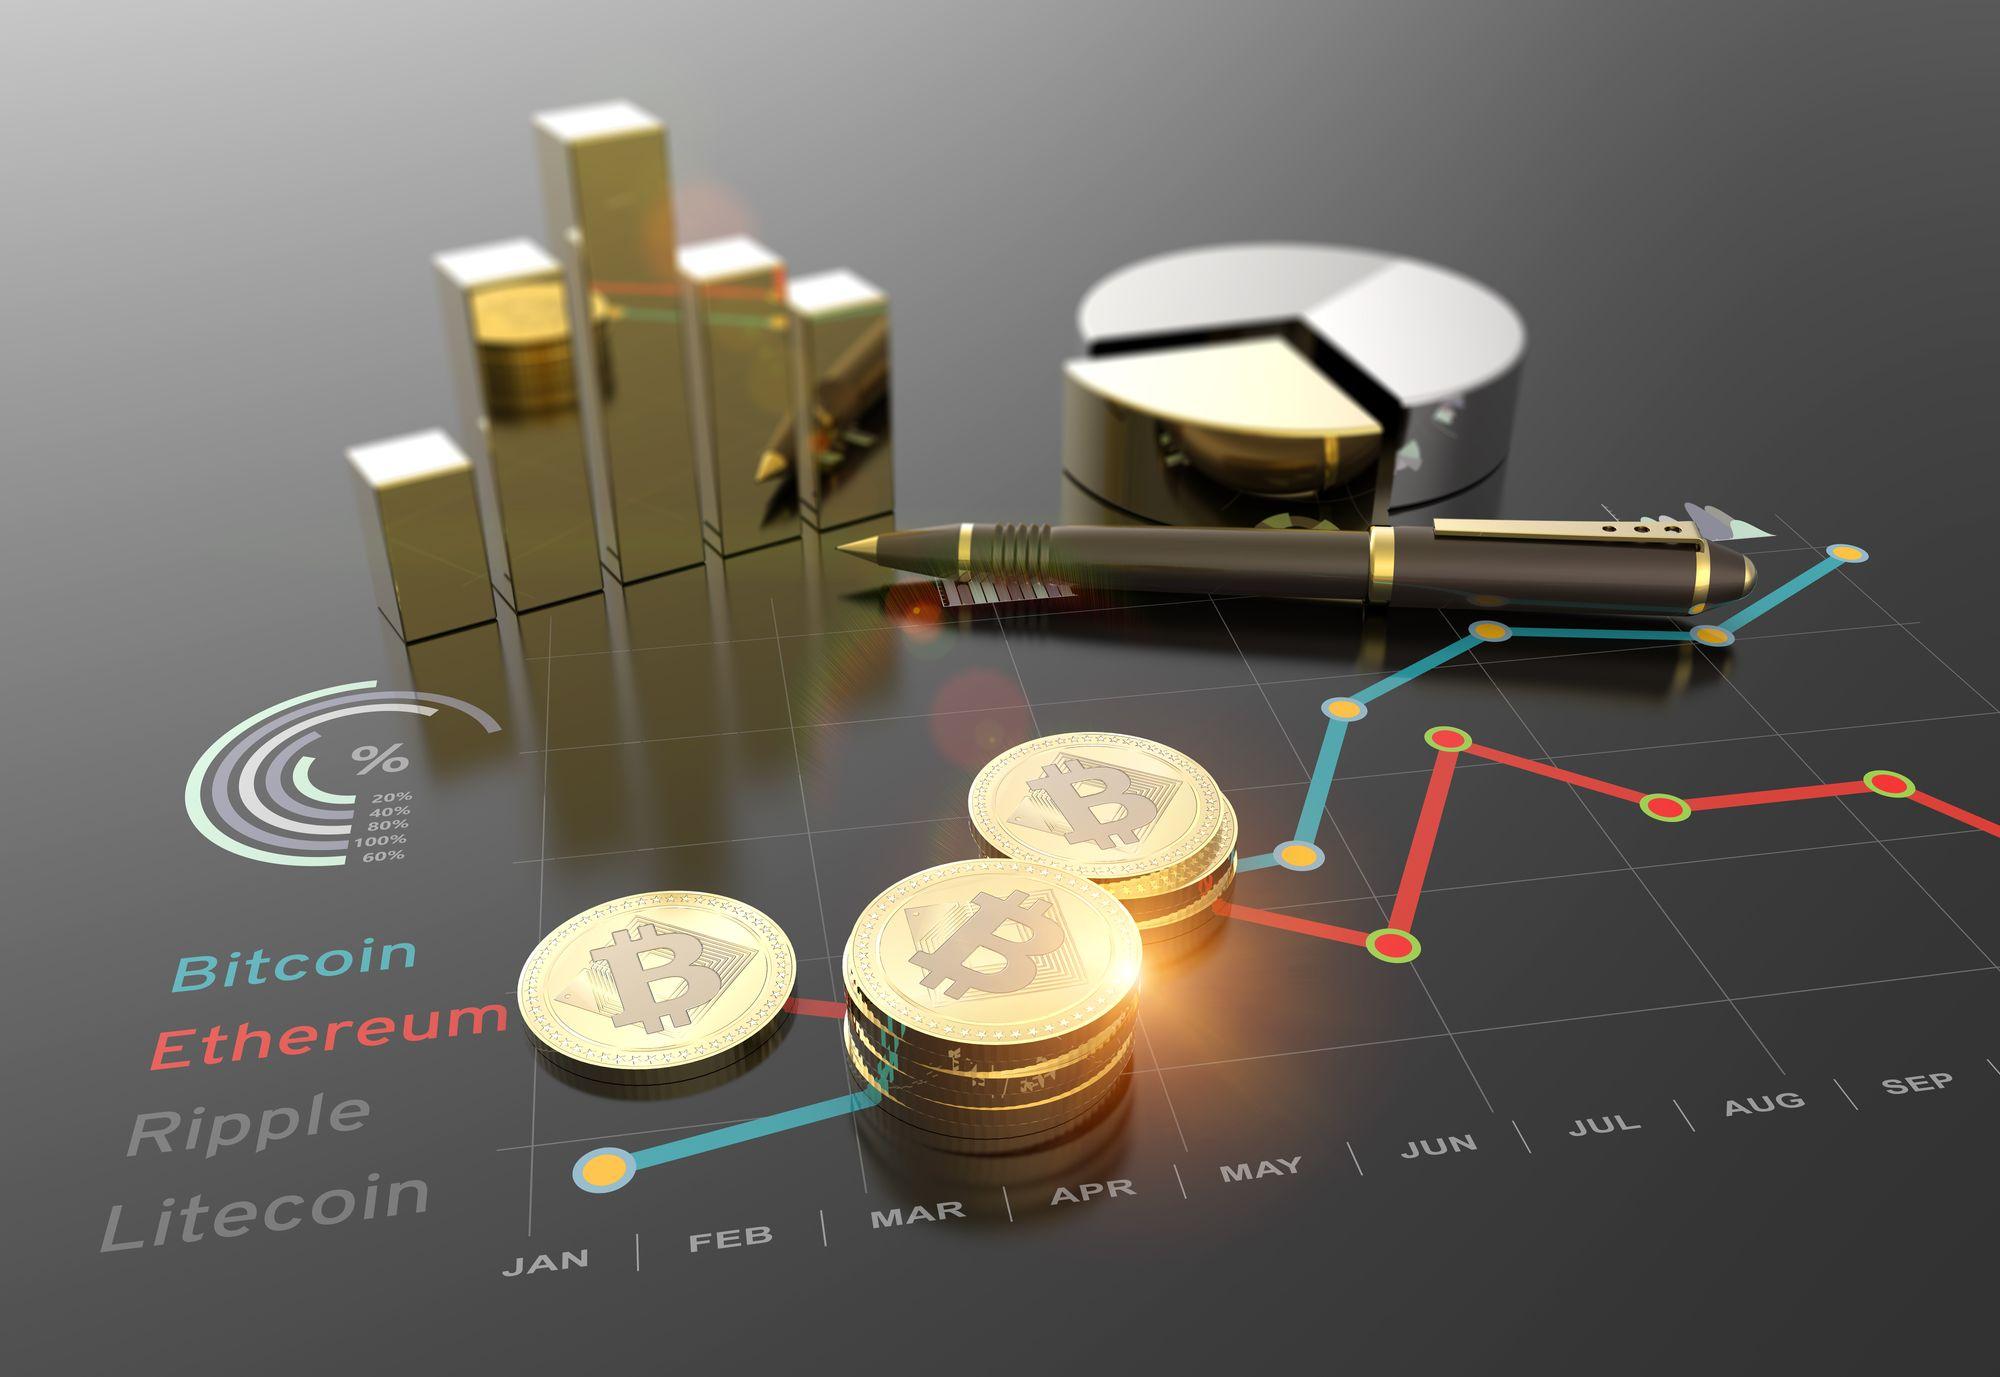 加密货币对的隔夜利息每年增至18%